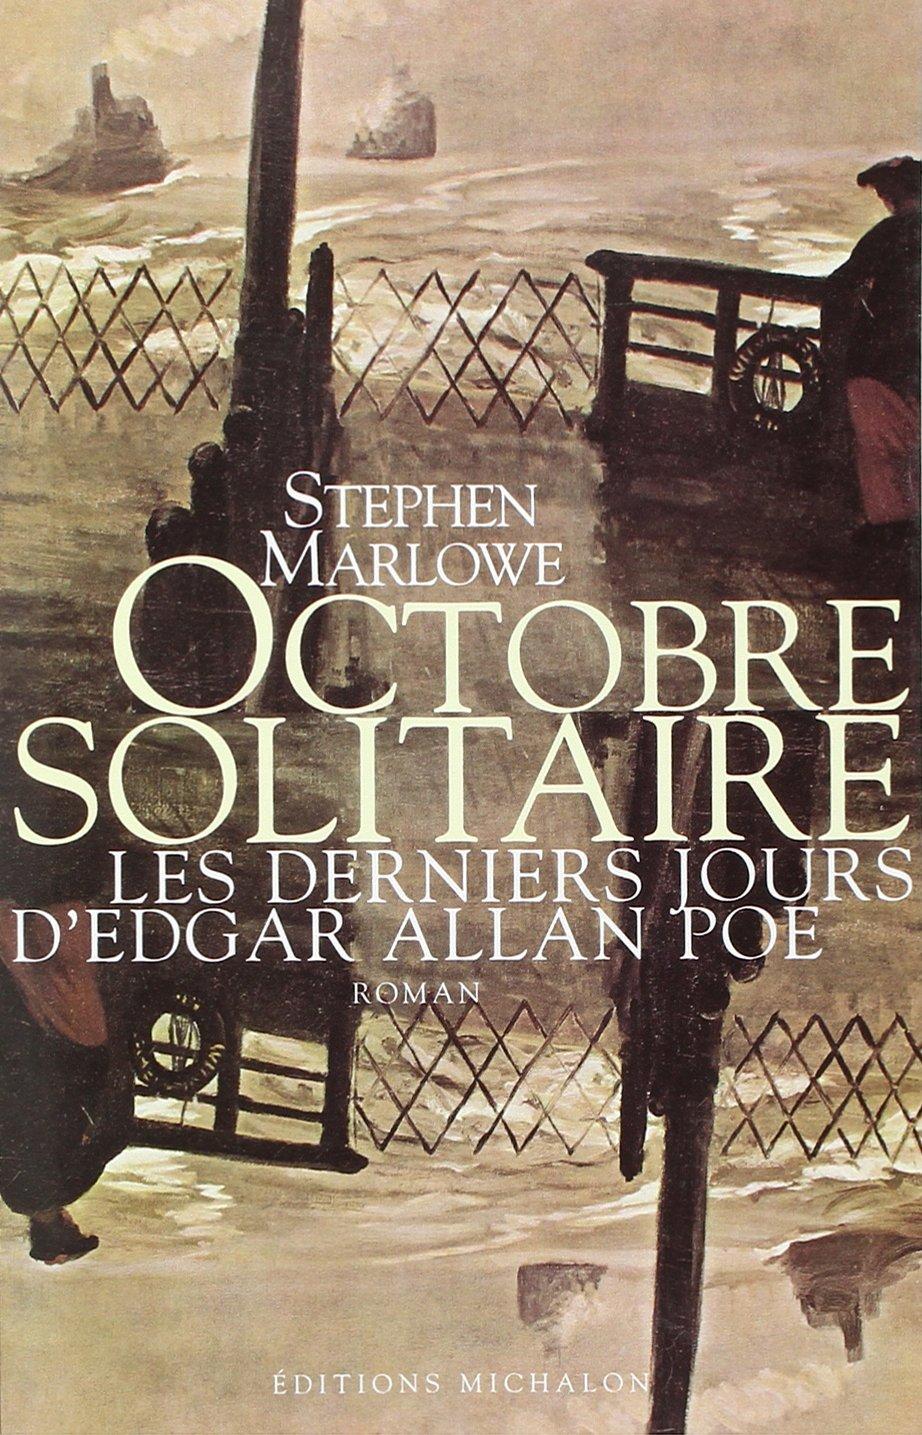 Octobre solitaire. Les derniers jours d'Edgar Allan Poe Broché – 1 novembre 1997 Marlowe Stephen Editions Michalon 2841860612 749782841860616